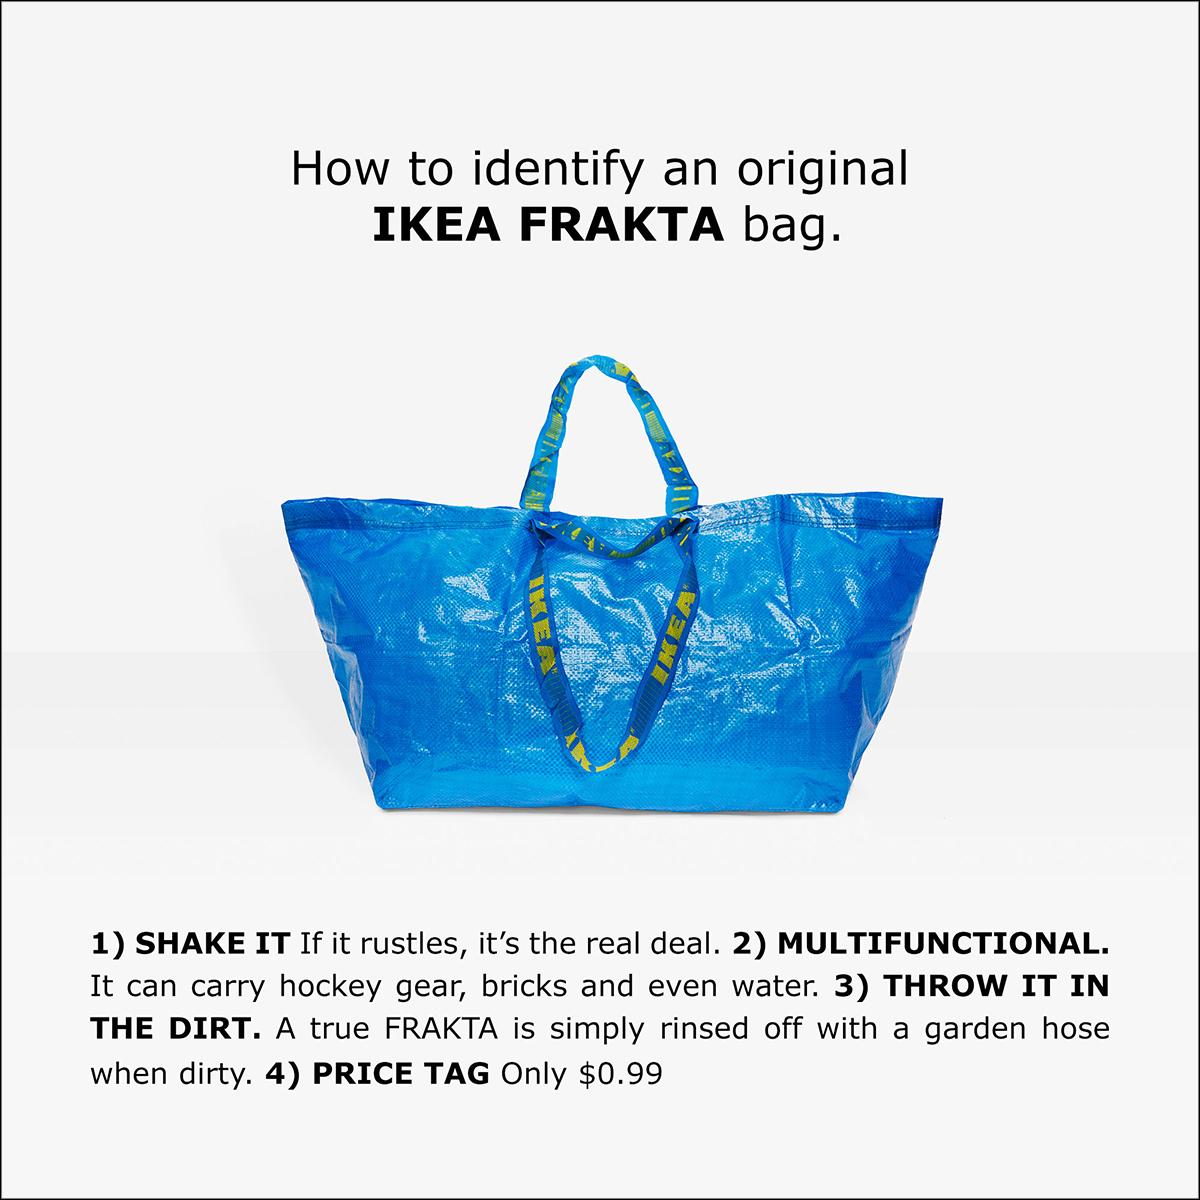 """Fotografia reklamowa ukazująca dużą niebieską torbę. Na uchwytach widać żłóte napisy IKEA. Nad torbą znajduje się czarny napis """"How to identify an original IKEA FRAKTA bag"""". Pod spodem czarne napisy """""""